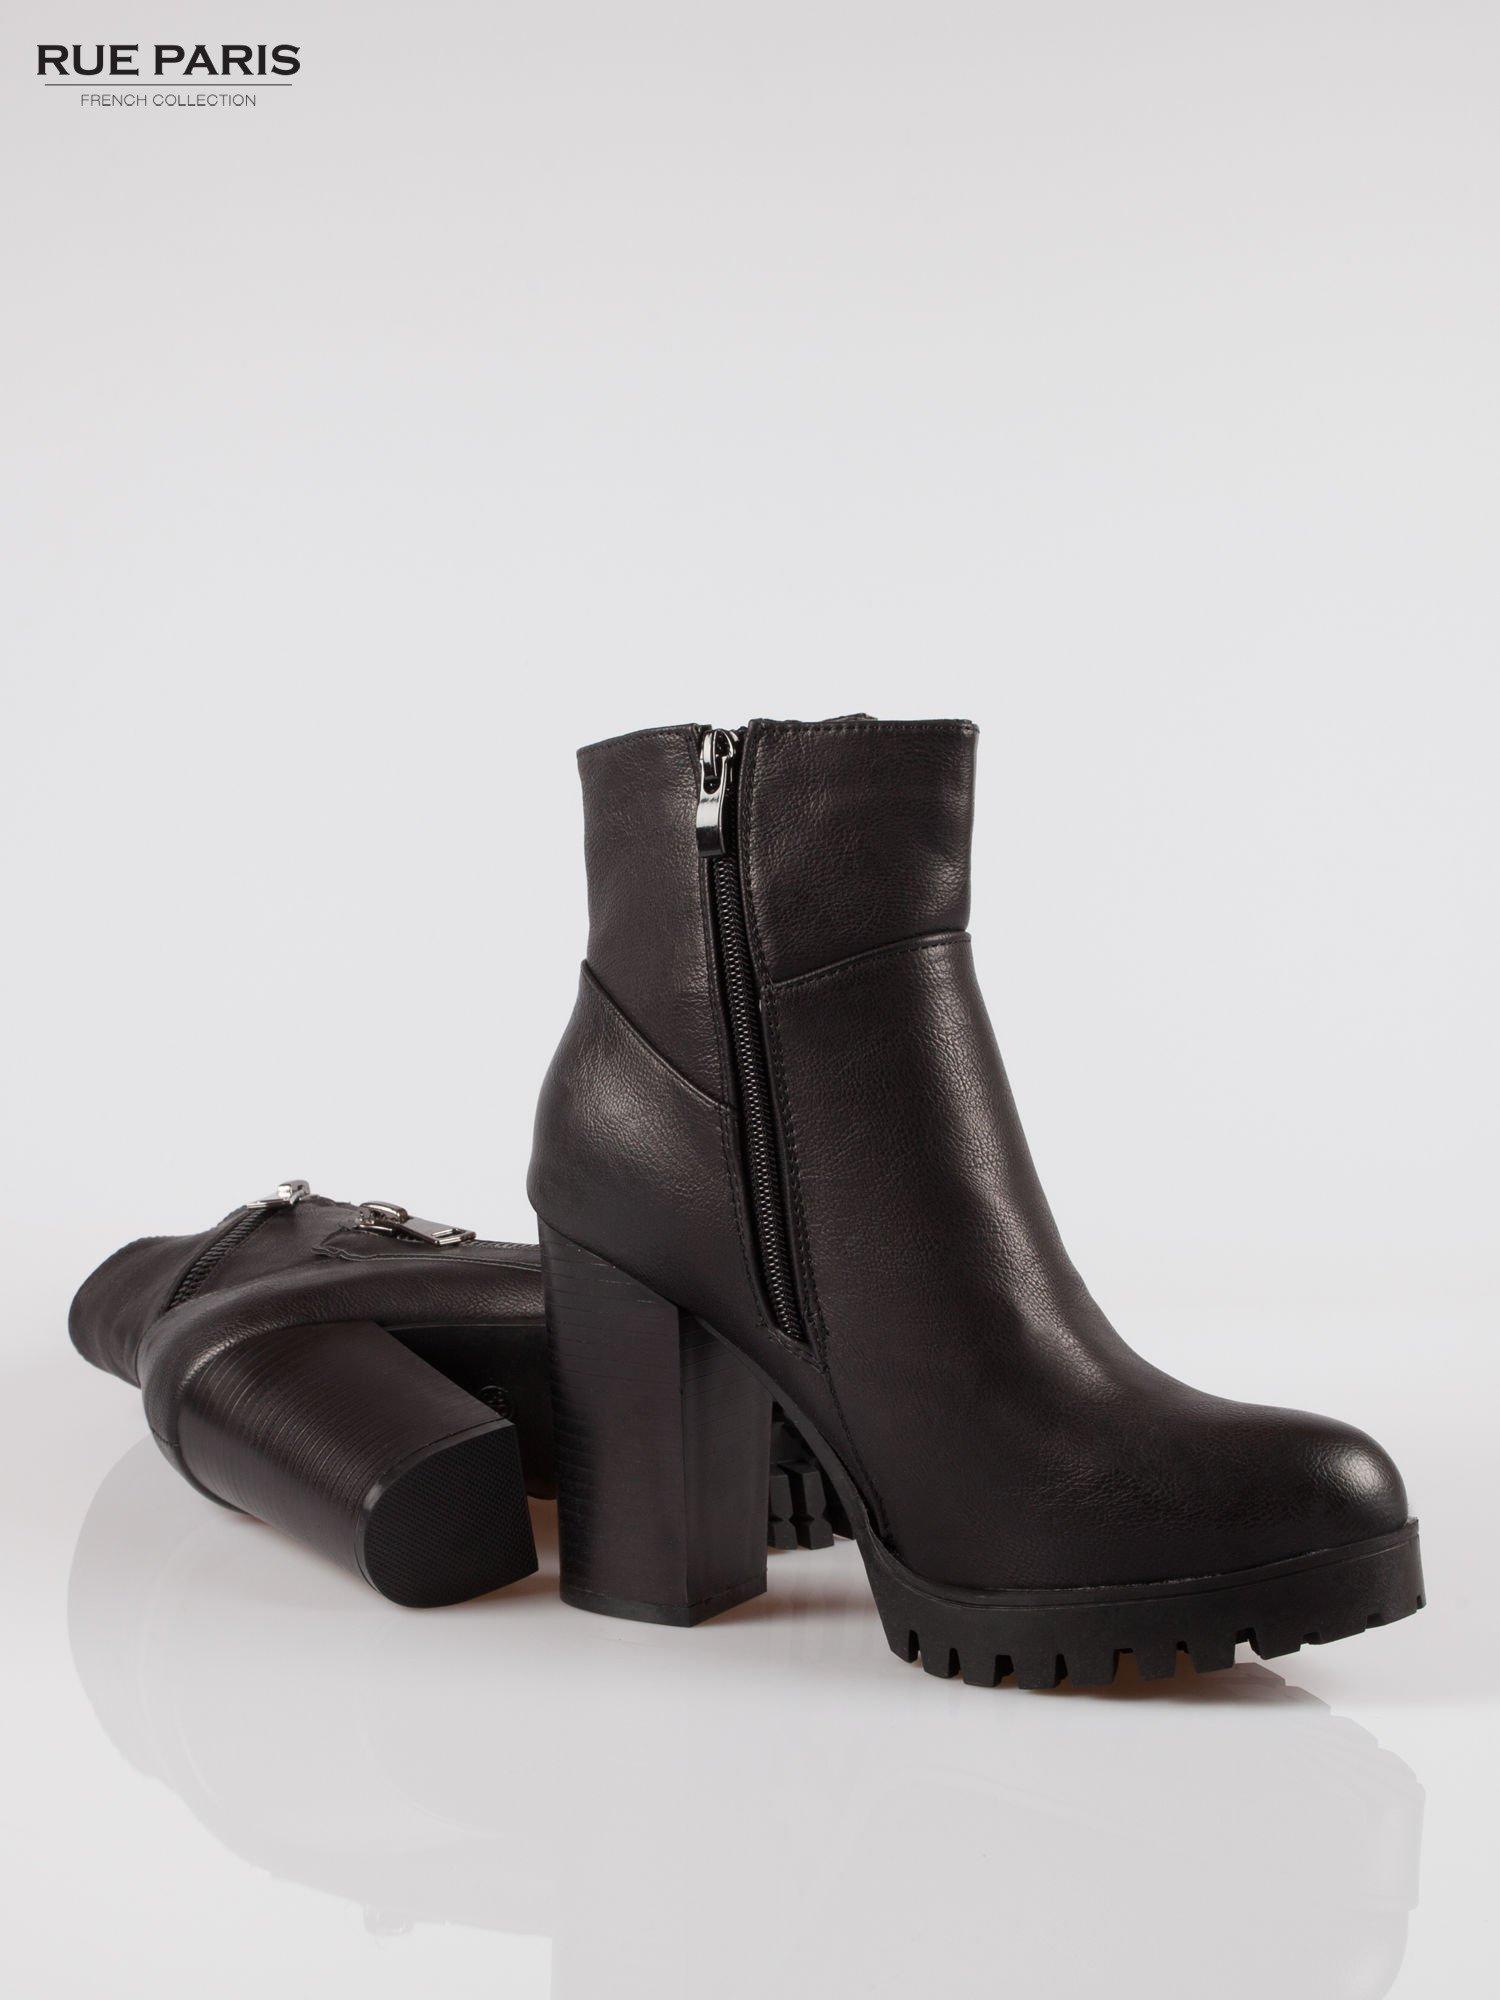 Czarne botki na słupku z zamkami w stylu biker boots                                  zdj.                                  4